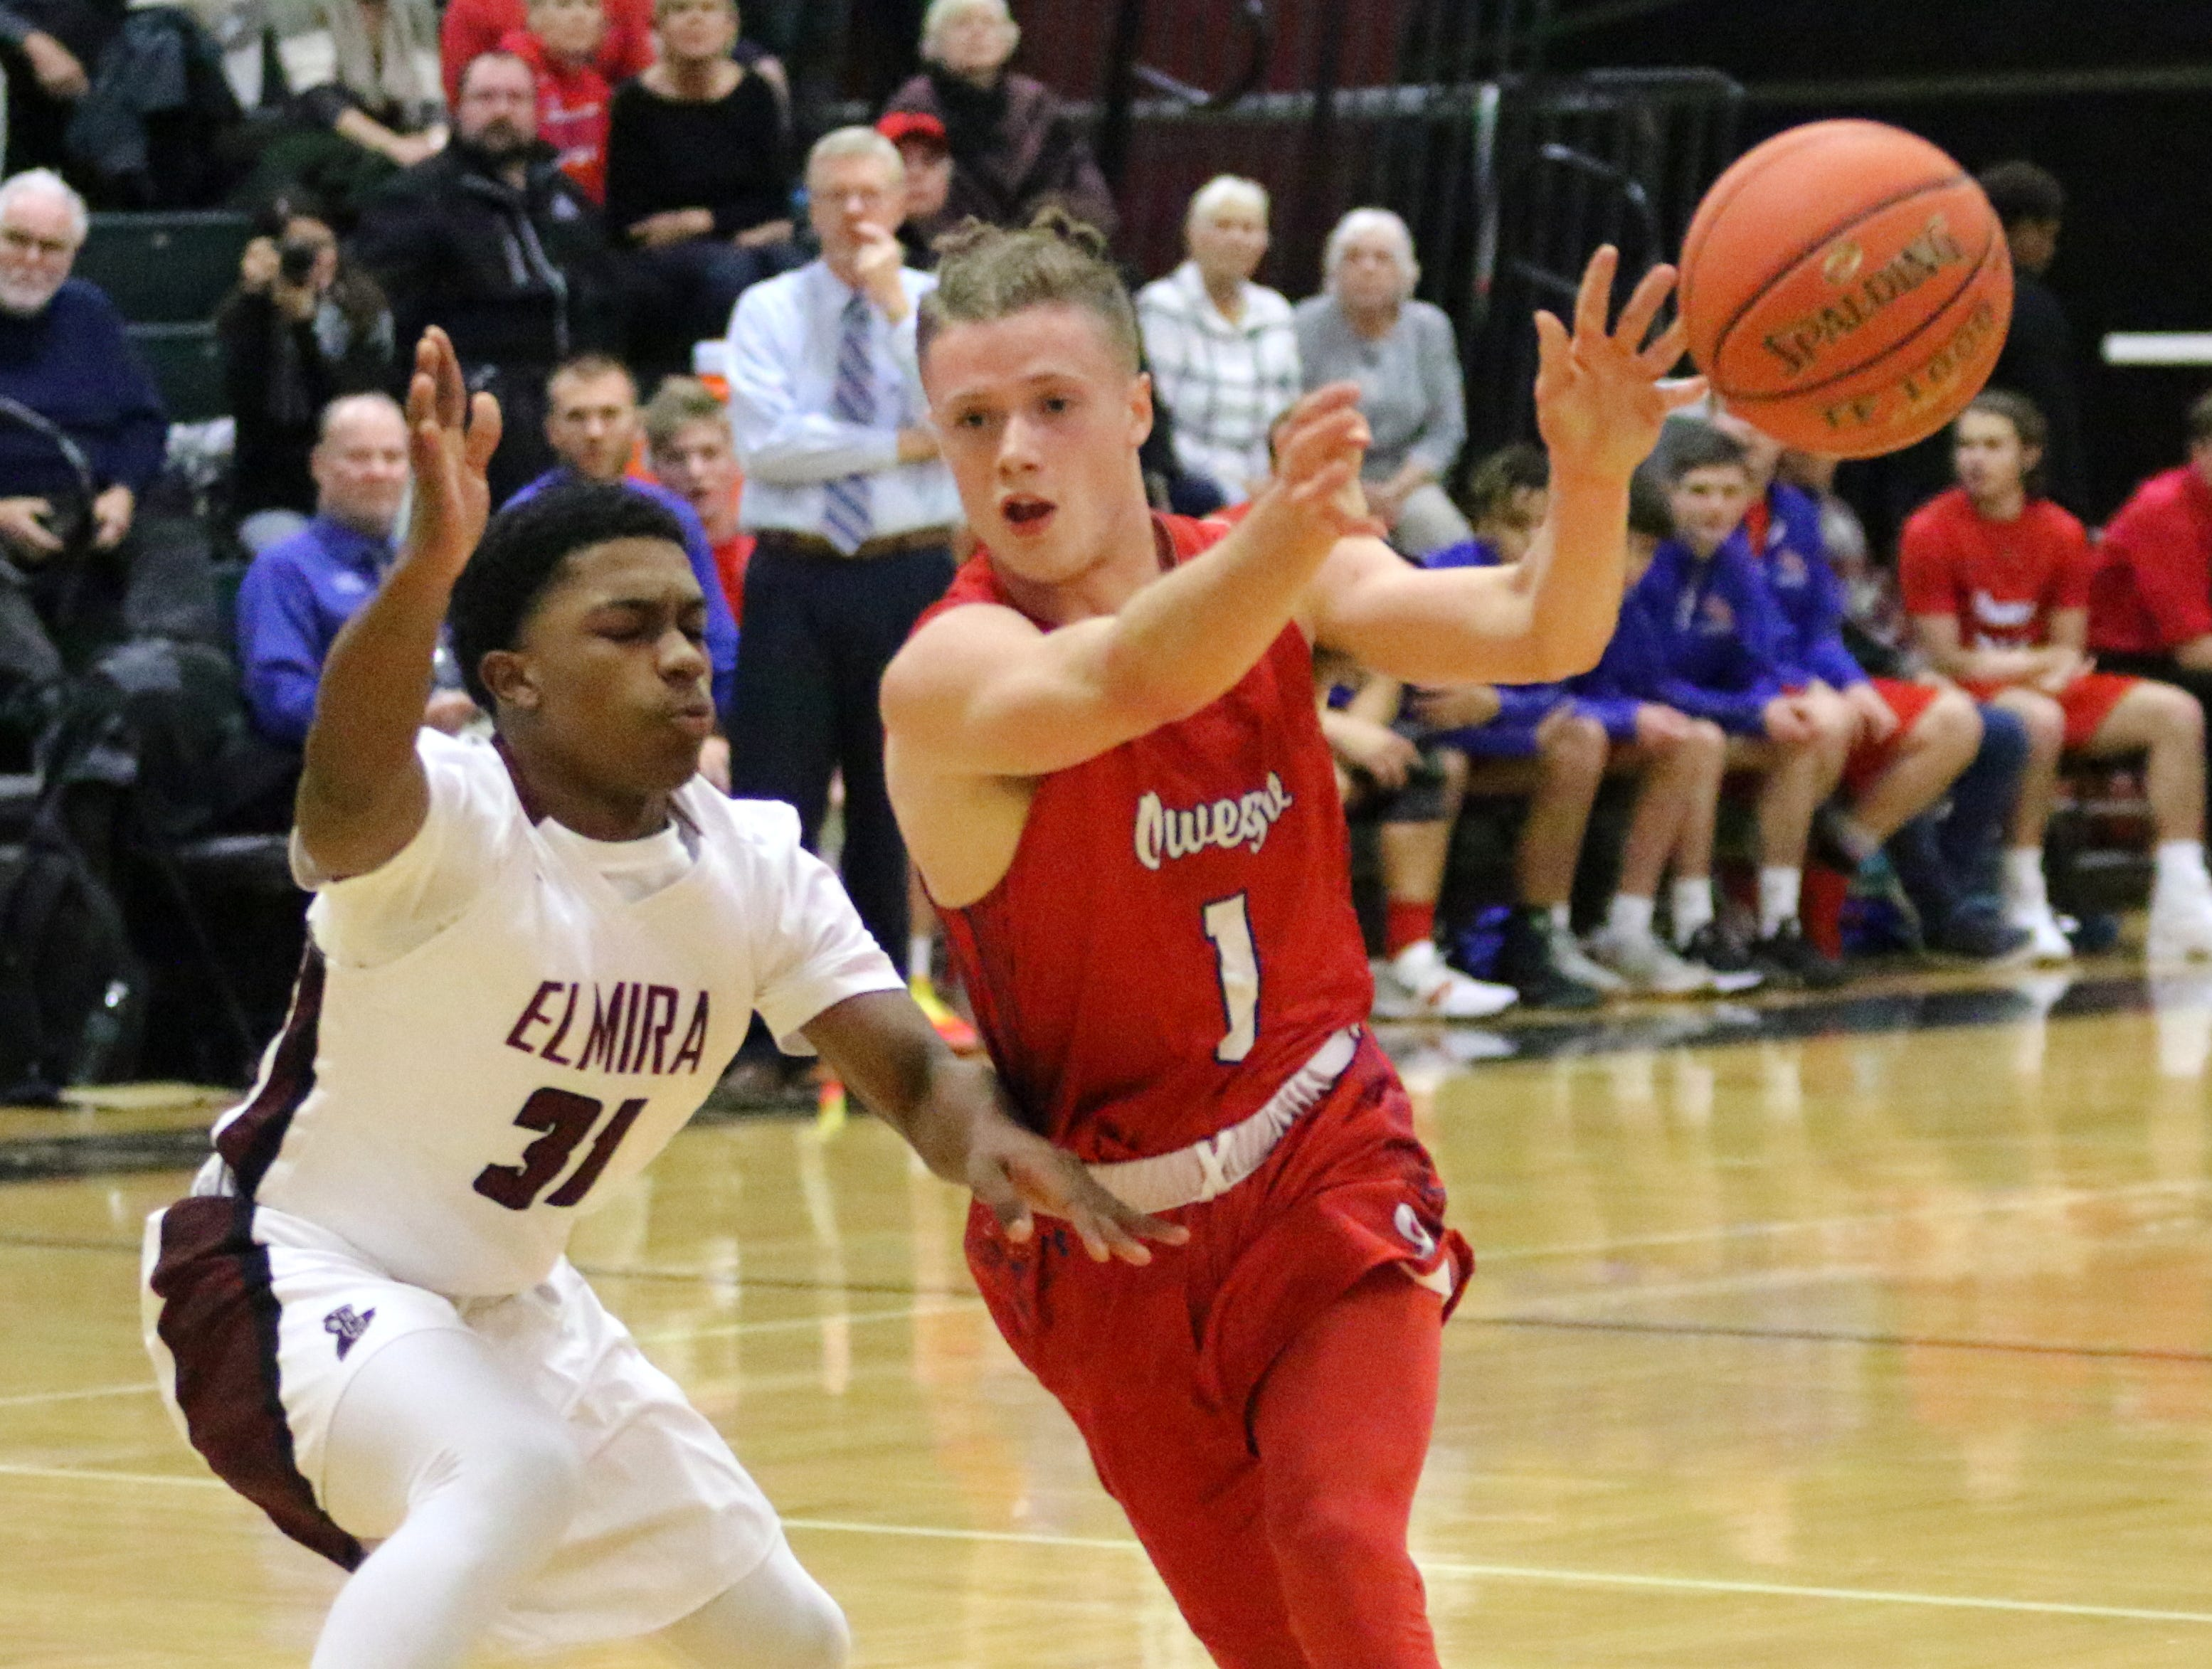 Elmira was a 60-38 winner over Owego Free Academy in boys basketball Dec. 11, 2018 at Elmira High School.